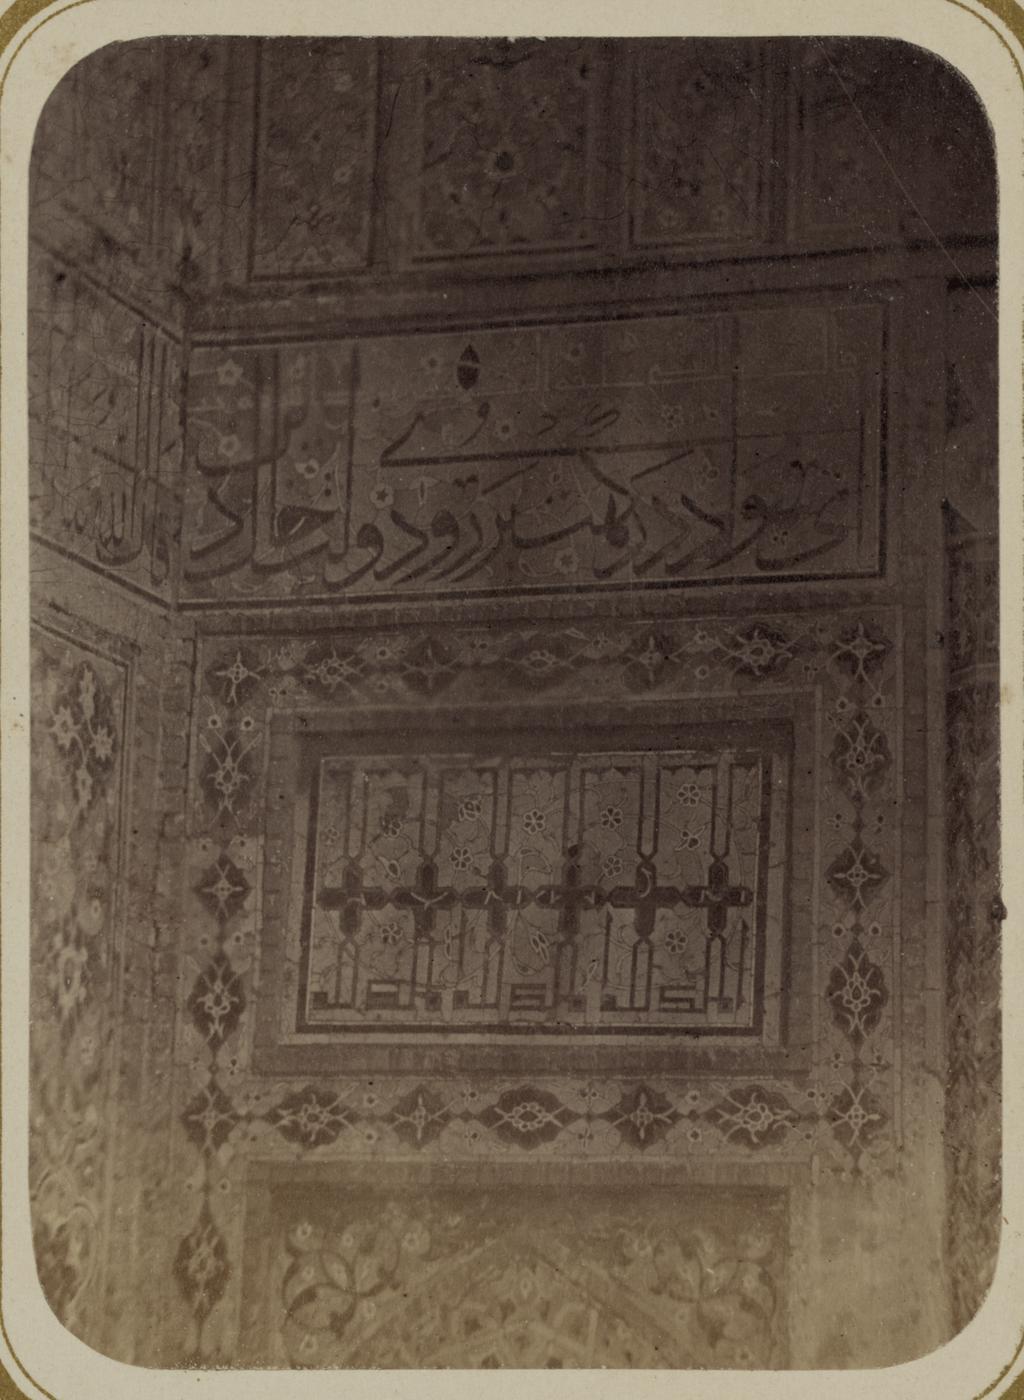 Мавзолей эмира Тимура Курагана (Гур-Эмир). Надписи по сторонам и внутри главной входной ниши